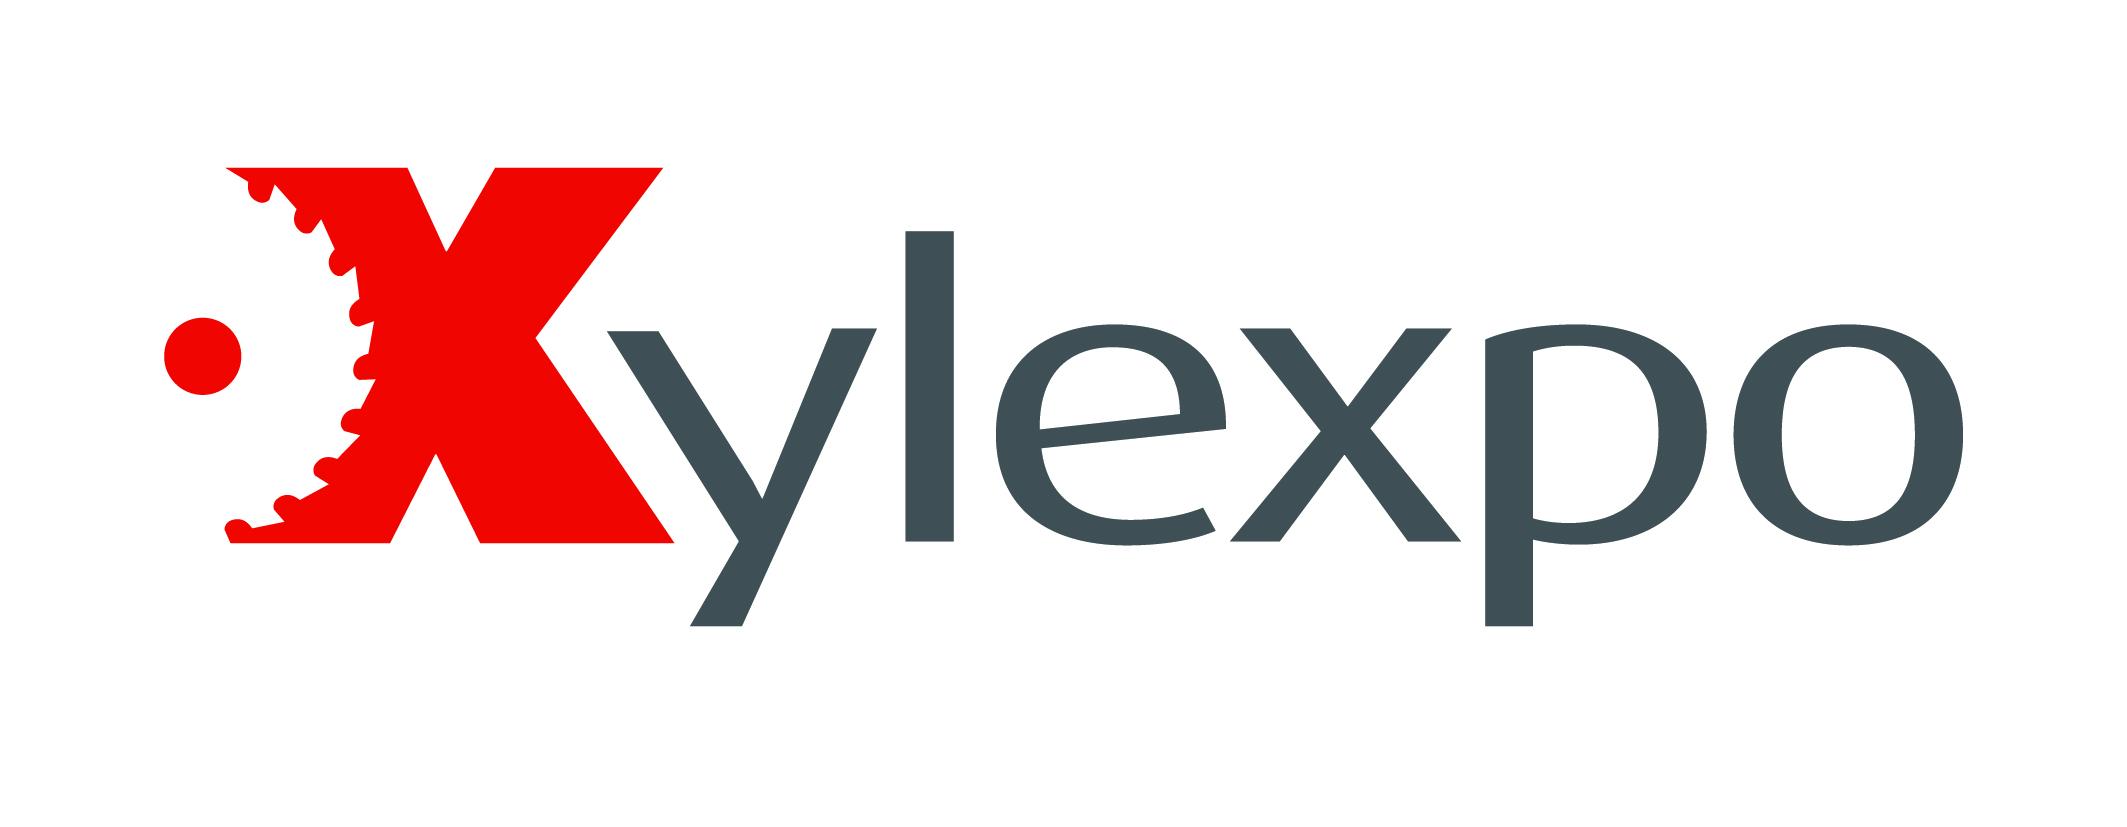 Die Xylexpo 2020 wird erneuert: vier Tage faires und neues Logo